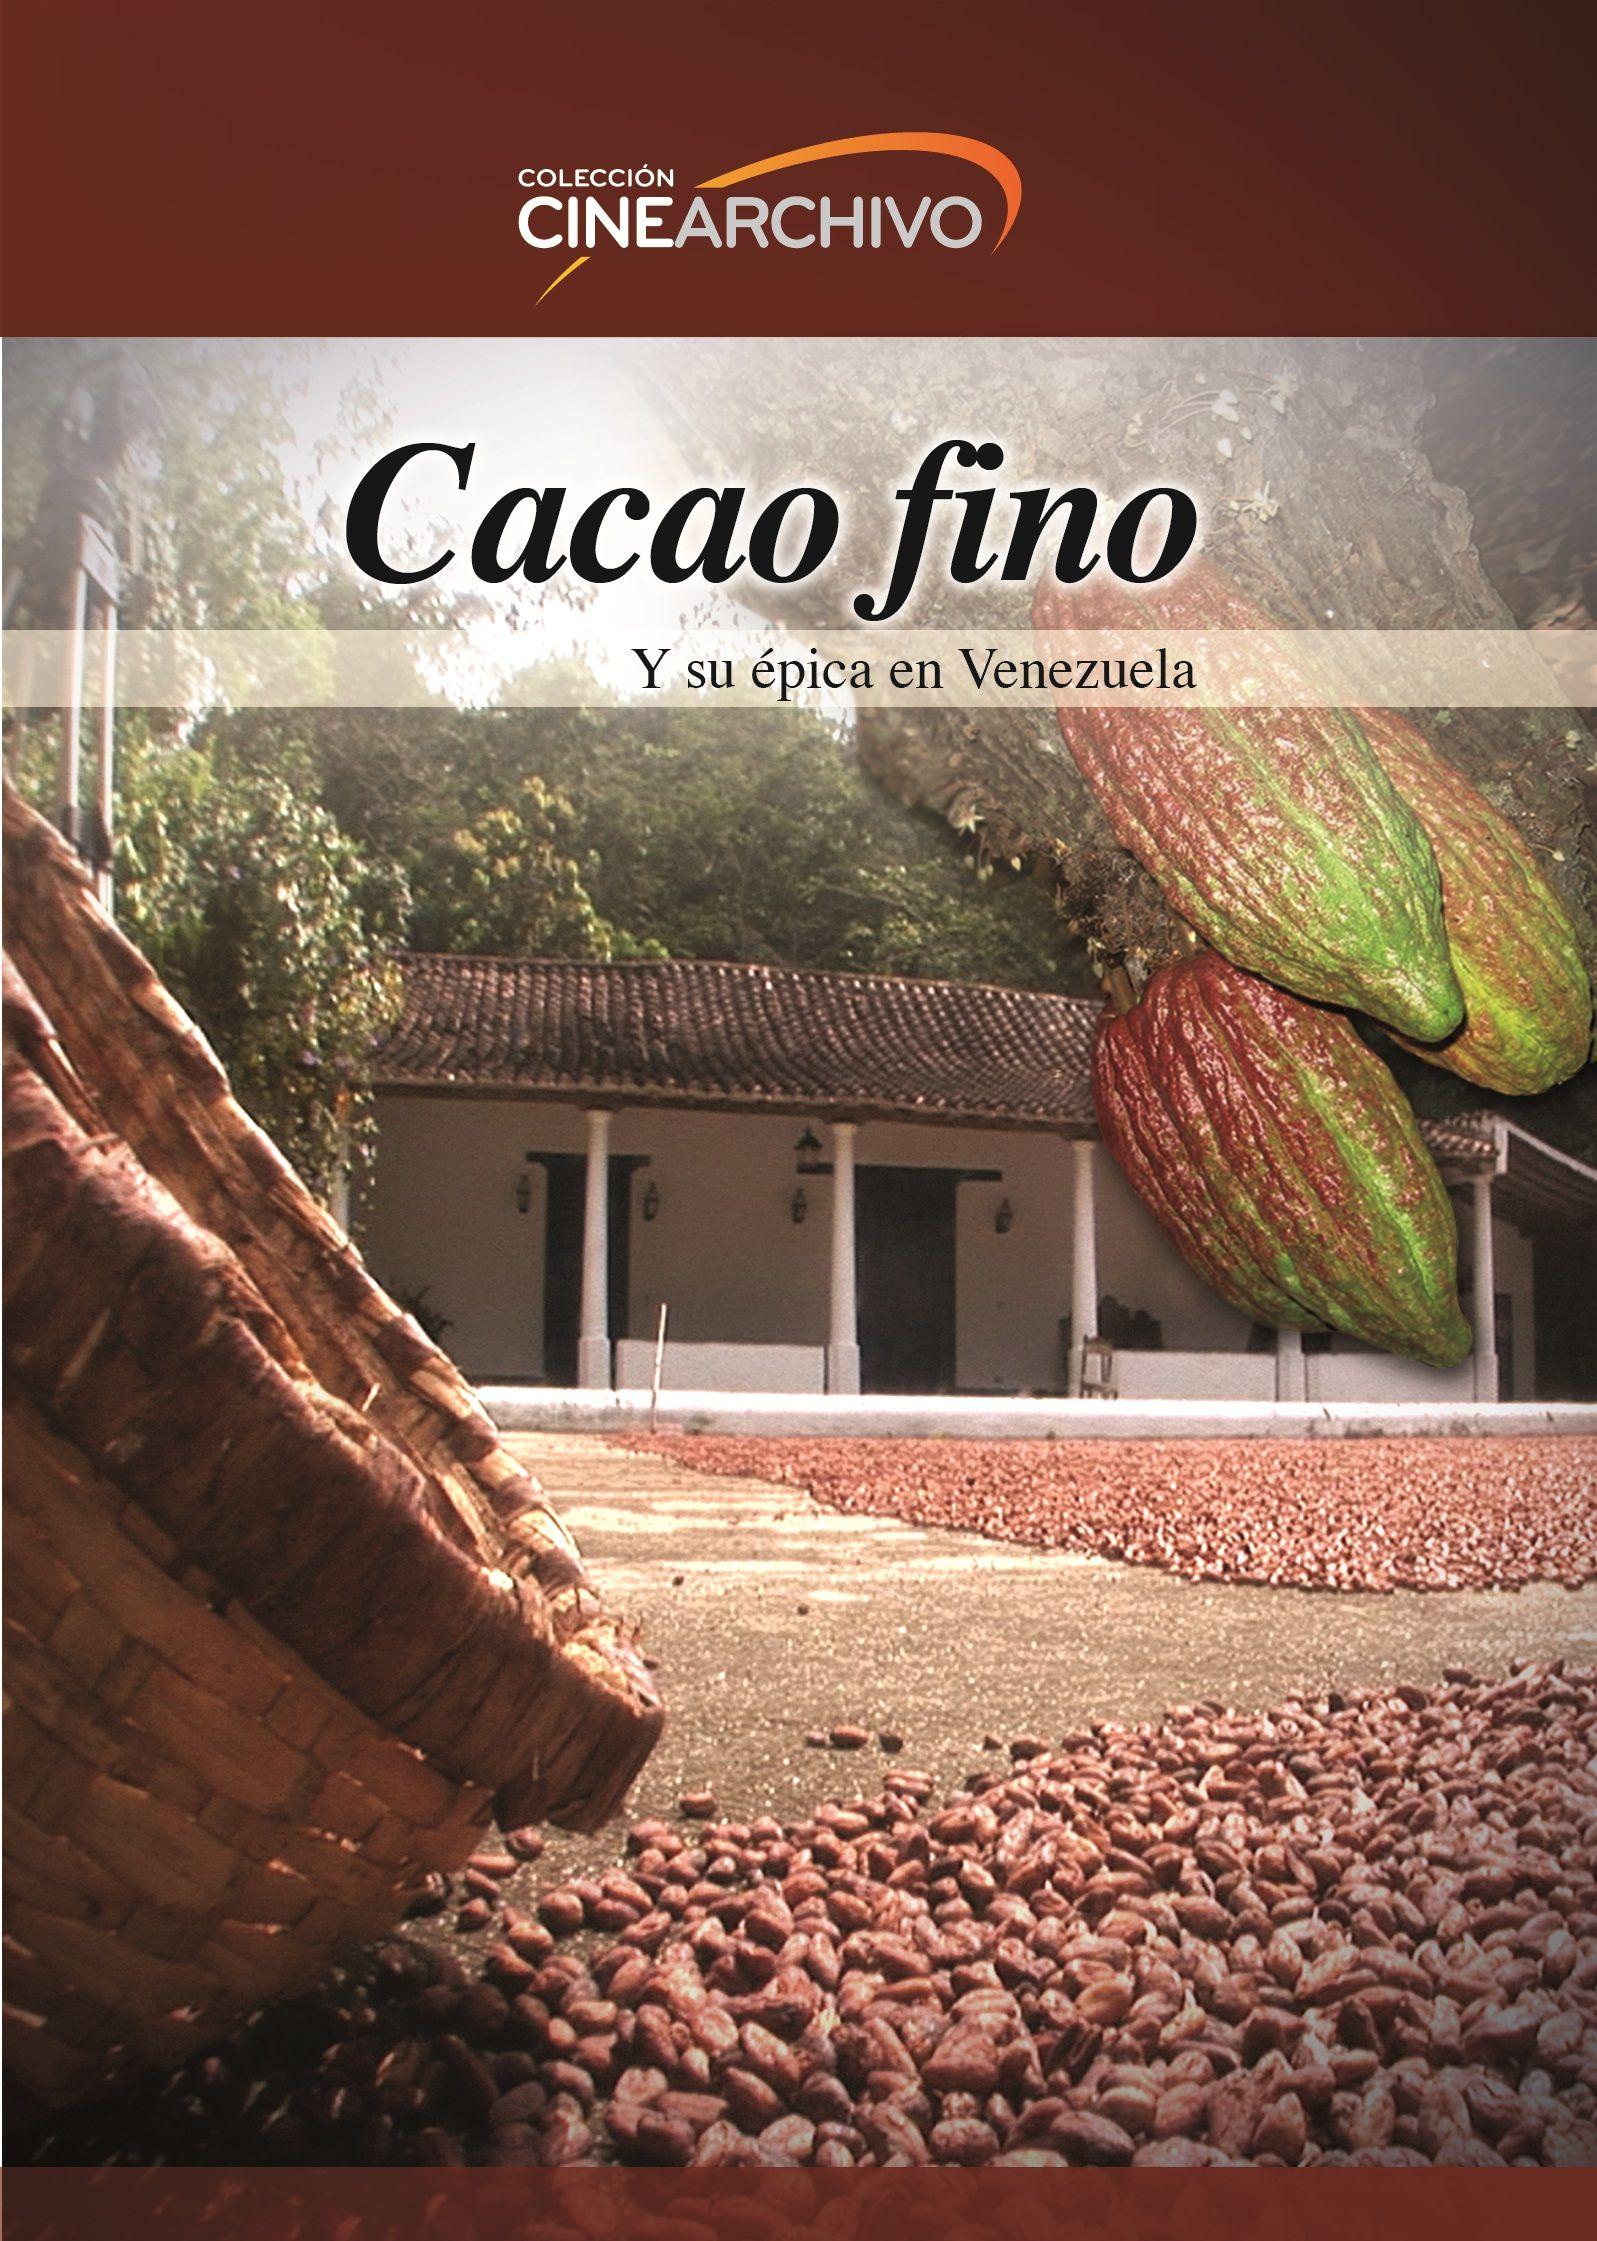 """Documental """"Cacao fino y su épica en Venezuela"""". Dirección: Alejandro Gamero. Año: 2010. Duración: 46mn."""